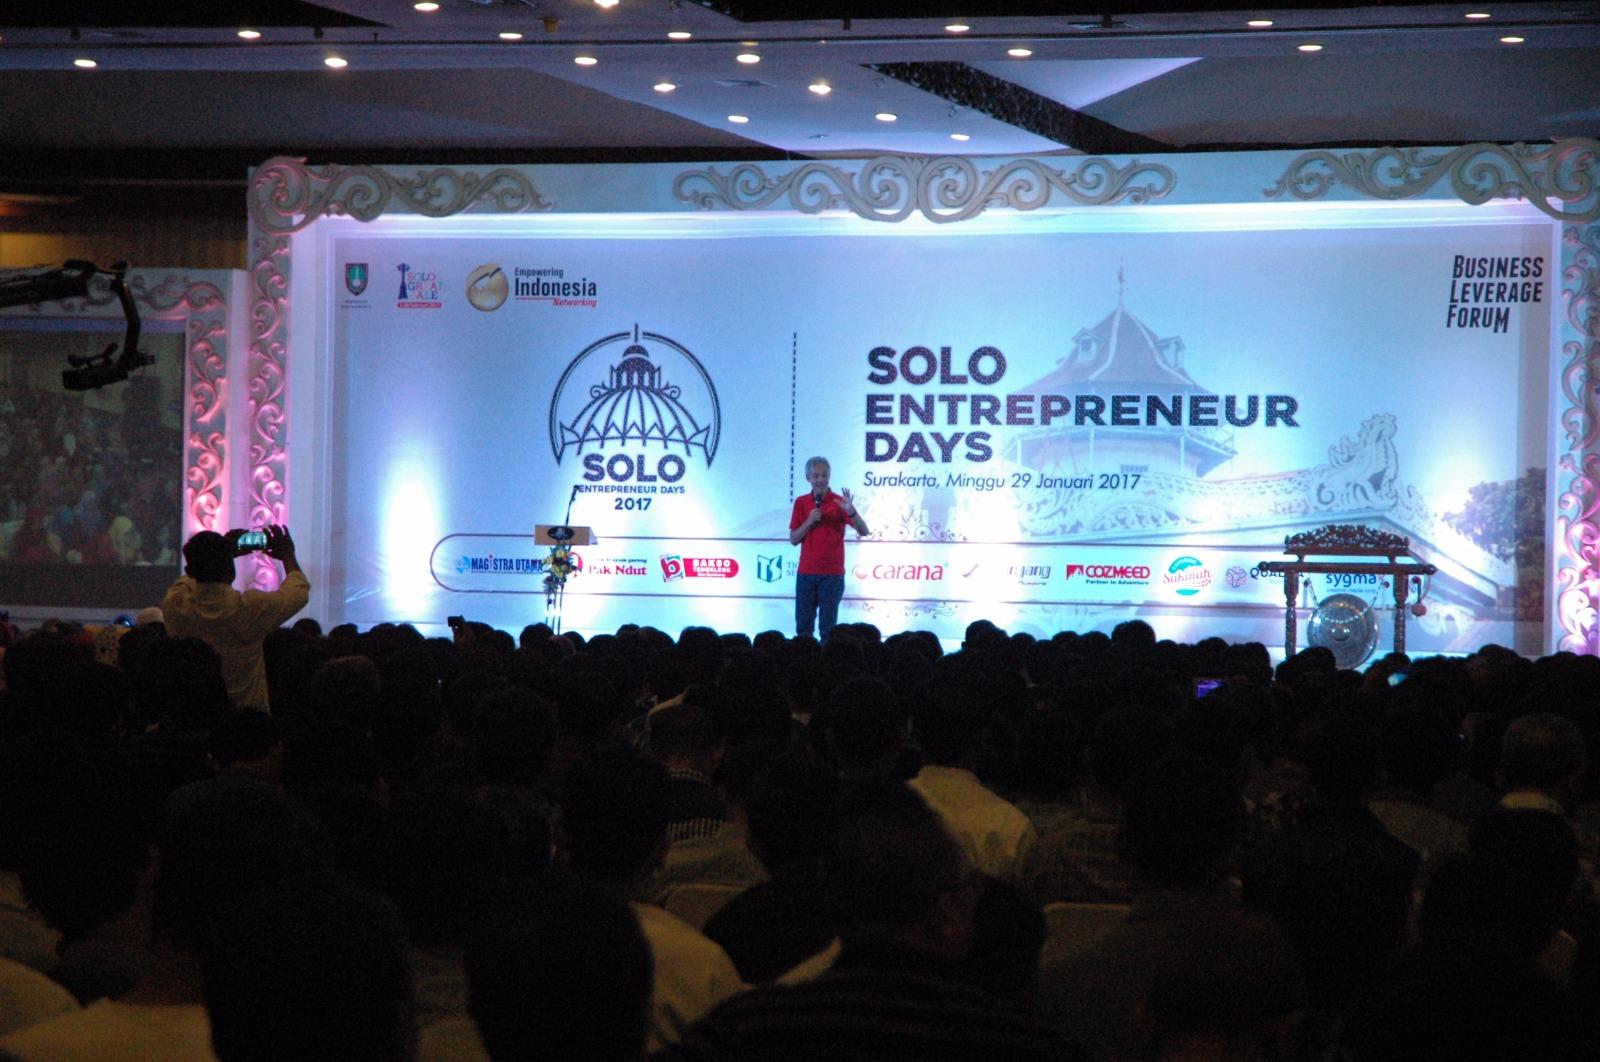 Gubernur Ganjar Pranowo memberikan arahan di Solo Entrepreneur Days 2017